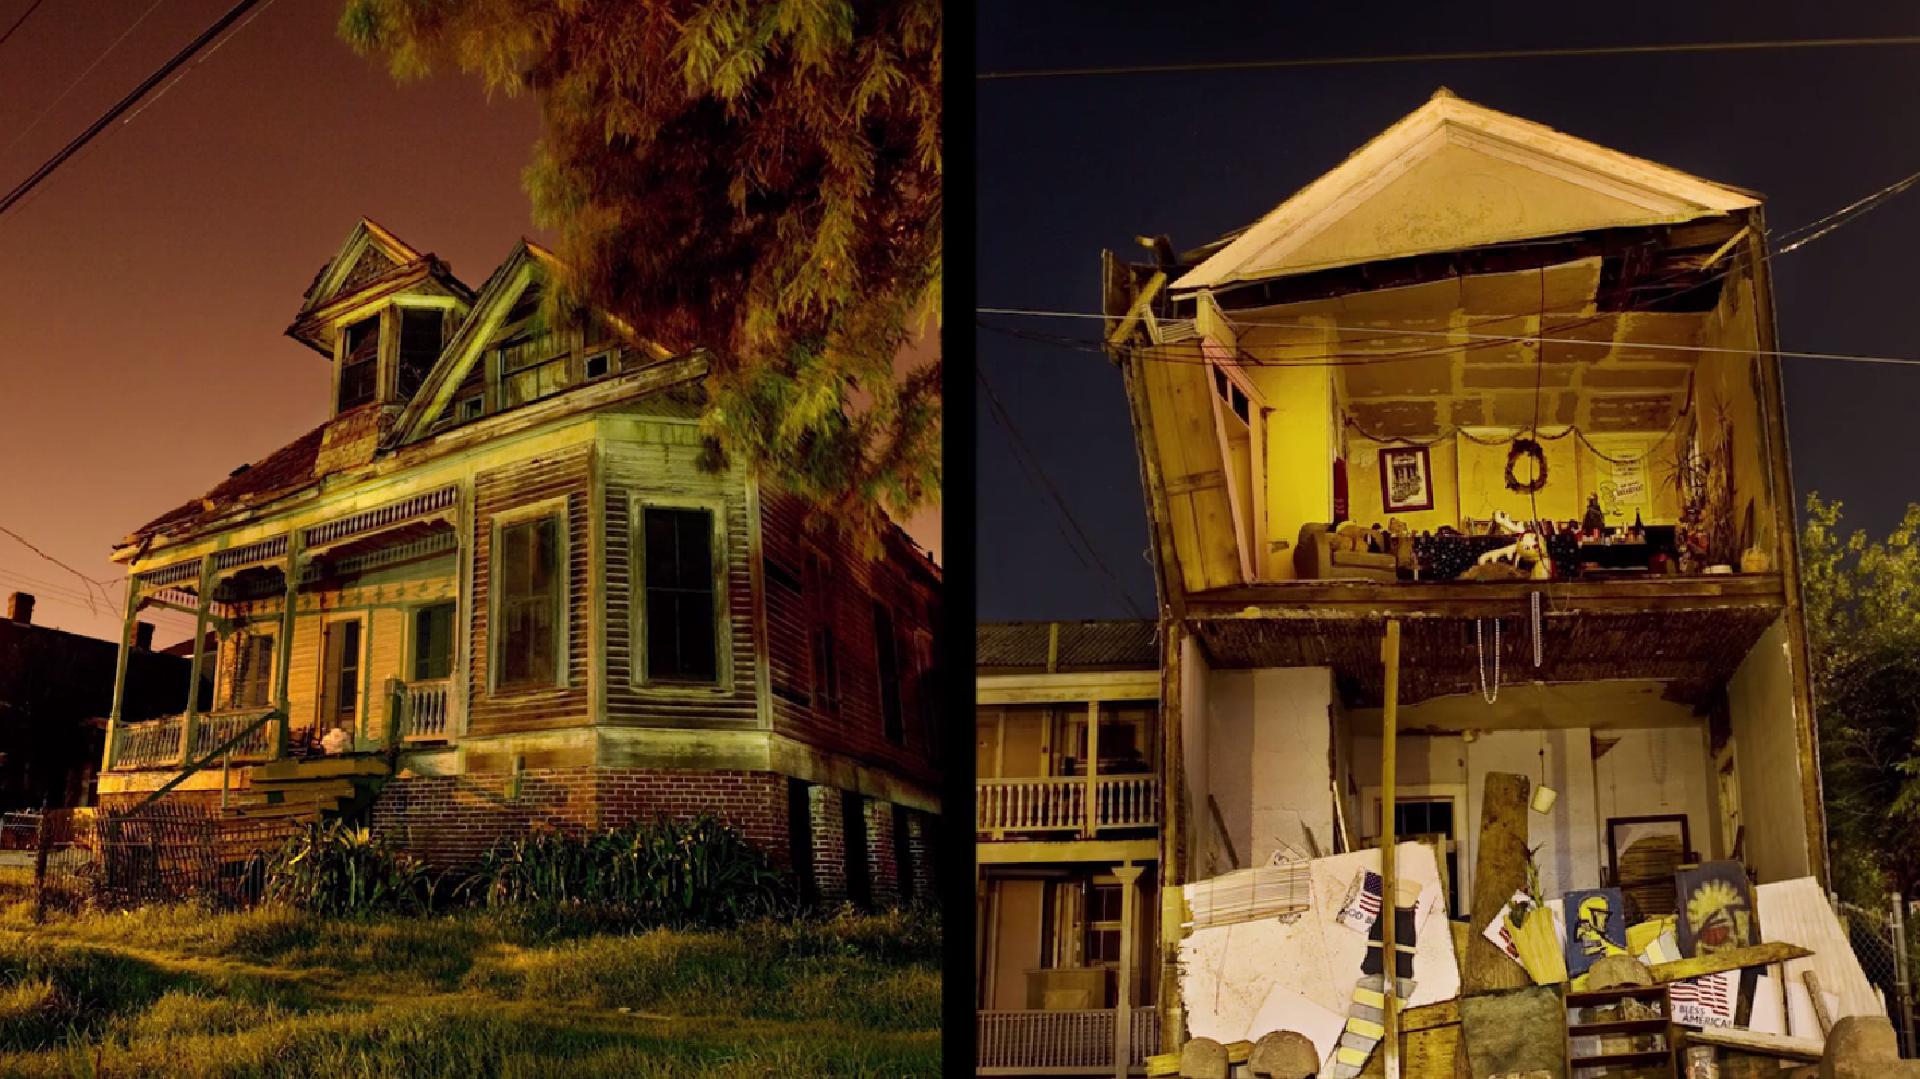 Fotos aus dem zerstörten New Orleans nach dem Hurricane Katrina, 2005.